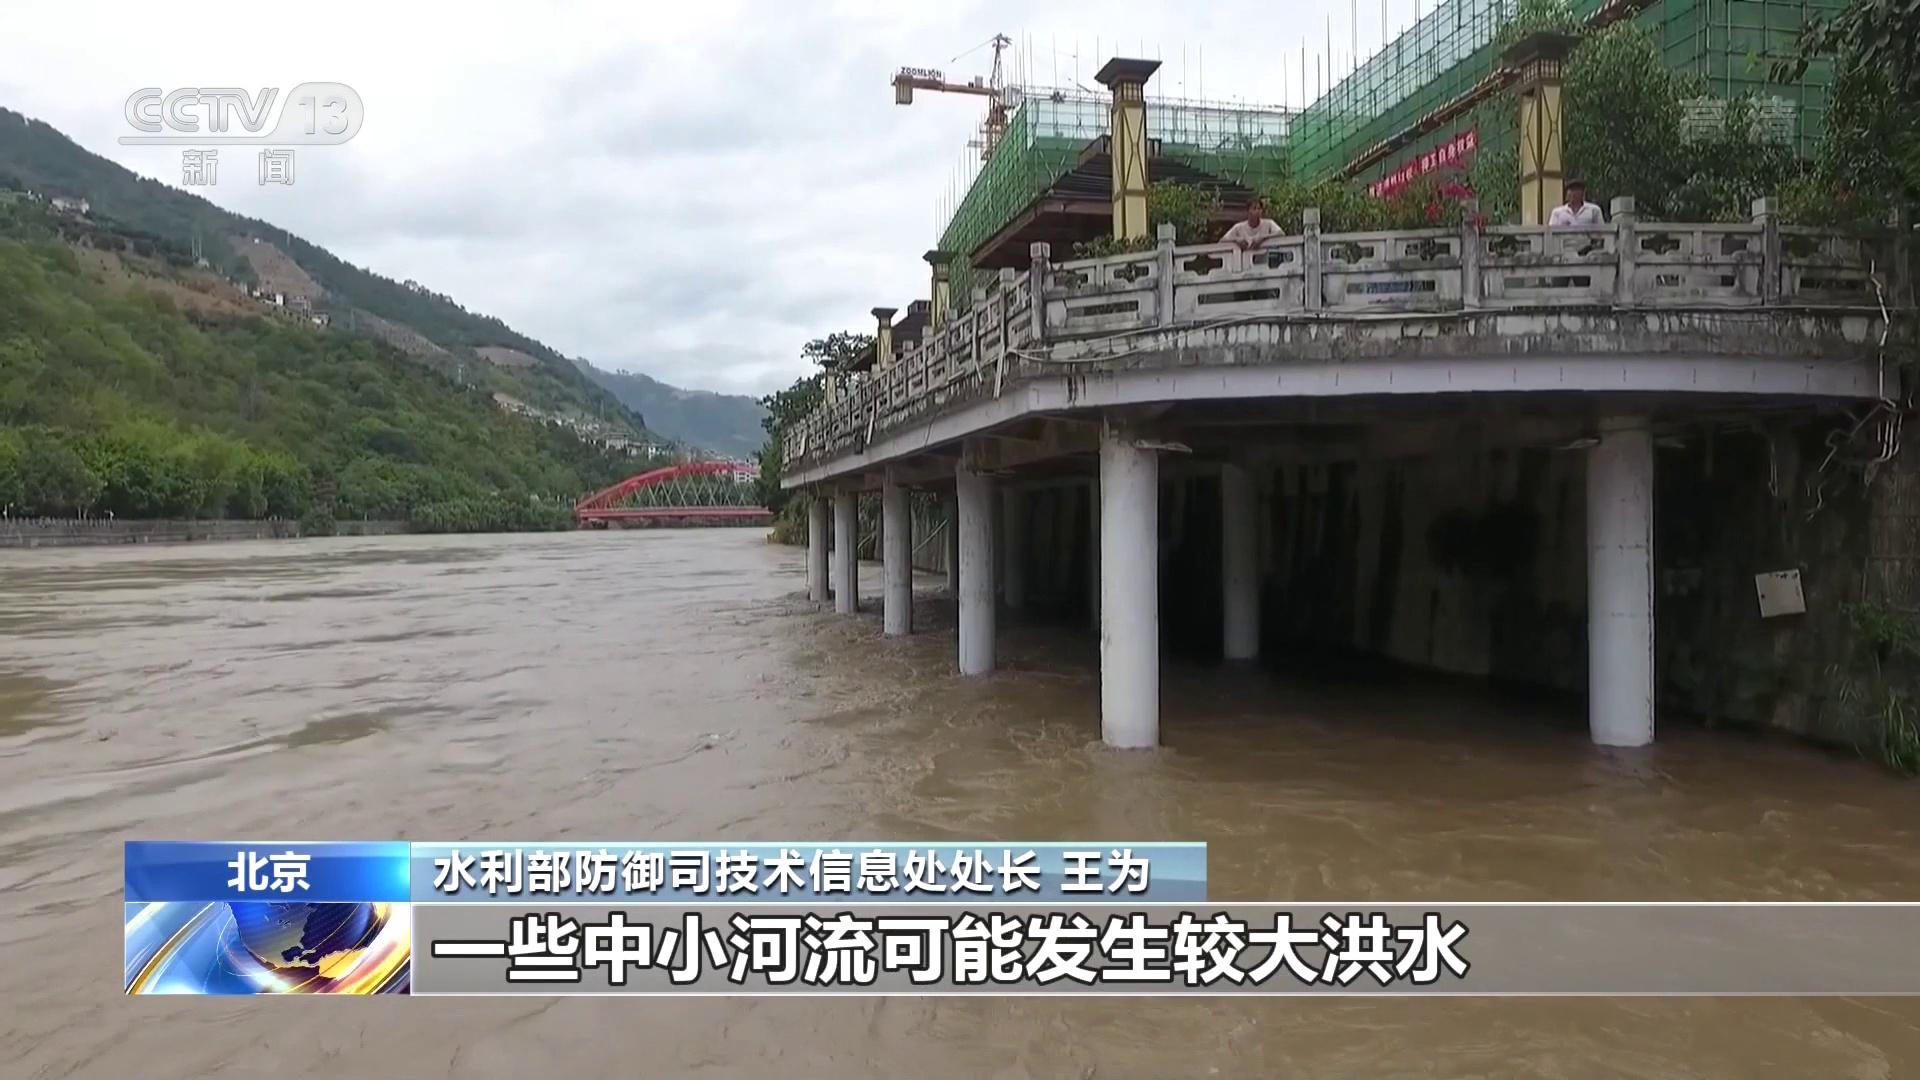 水利部:强降雨或致部分中小河流发生较大洪水插图